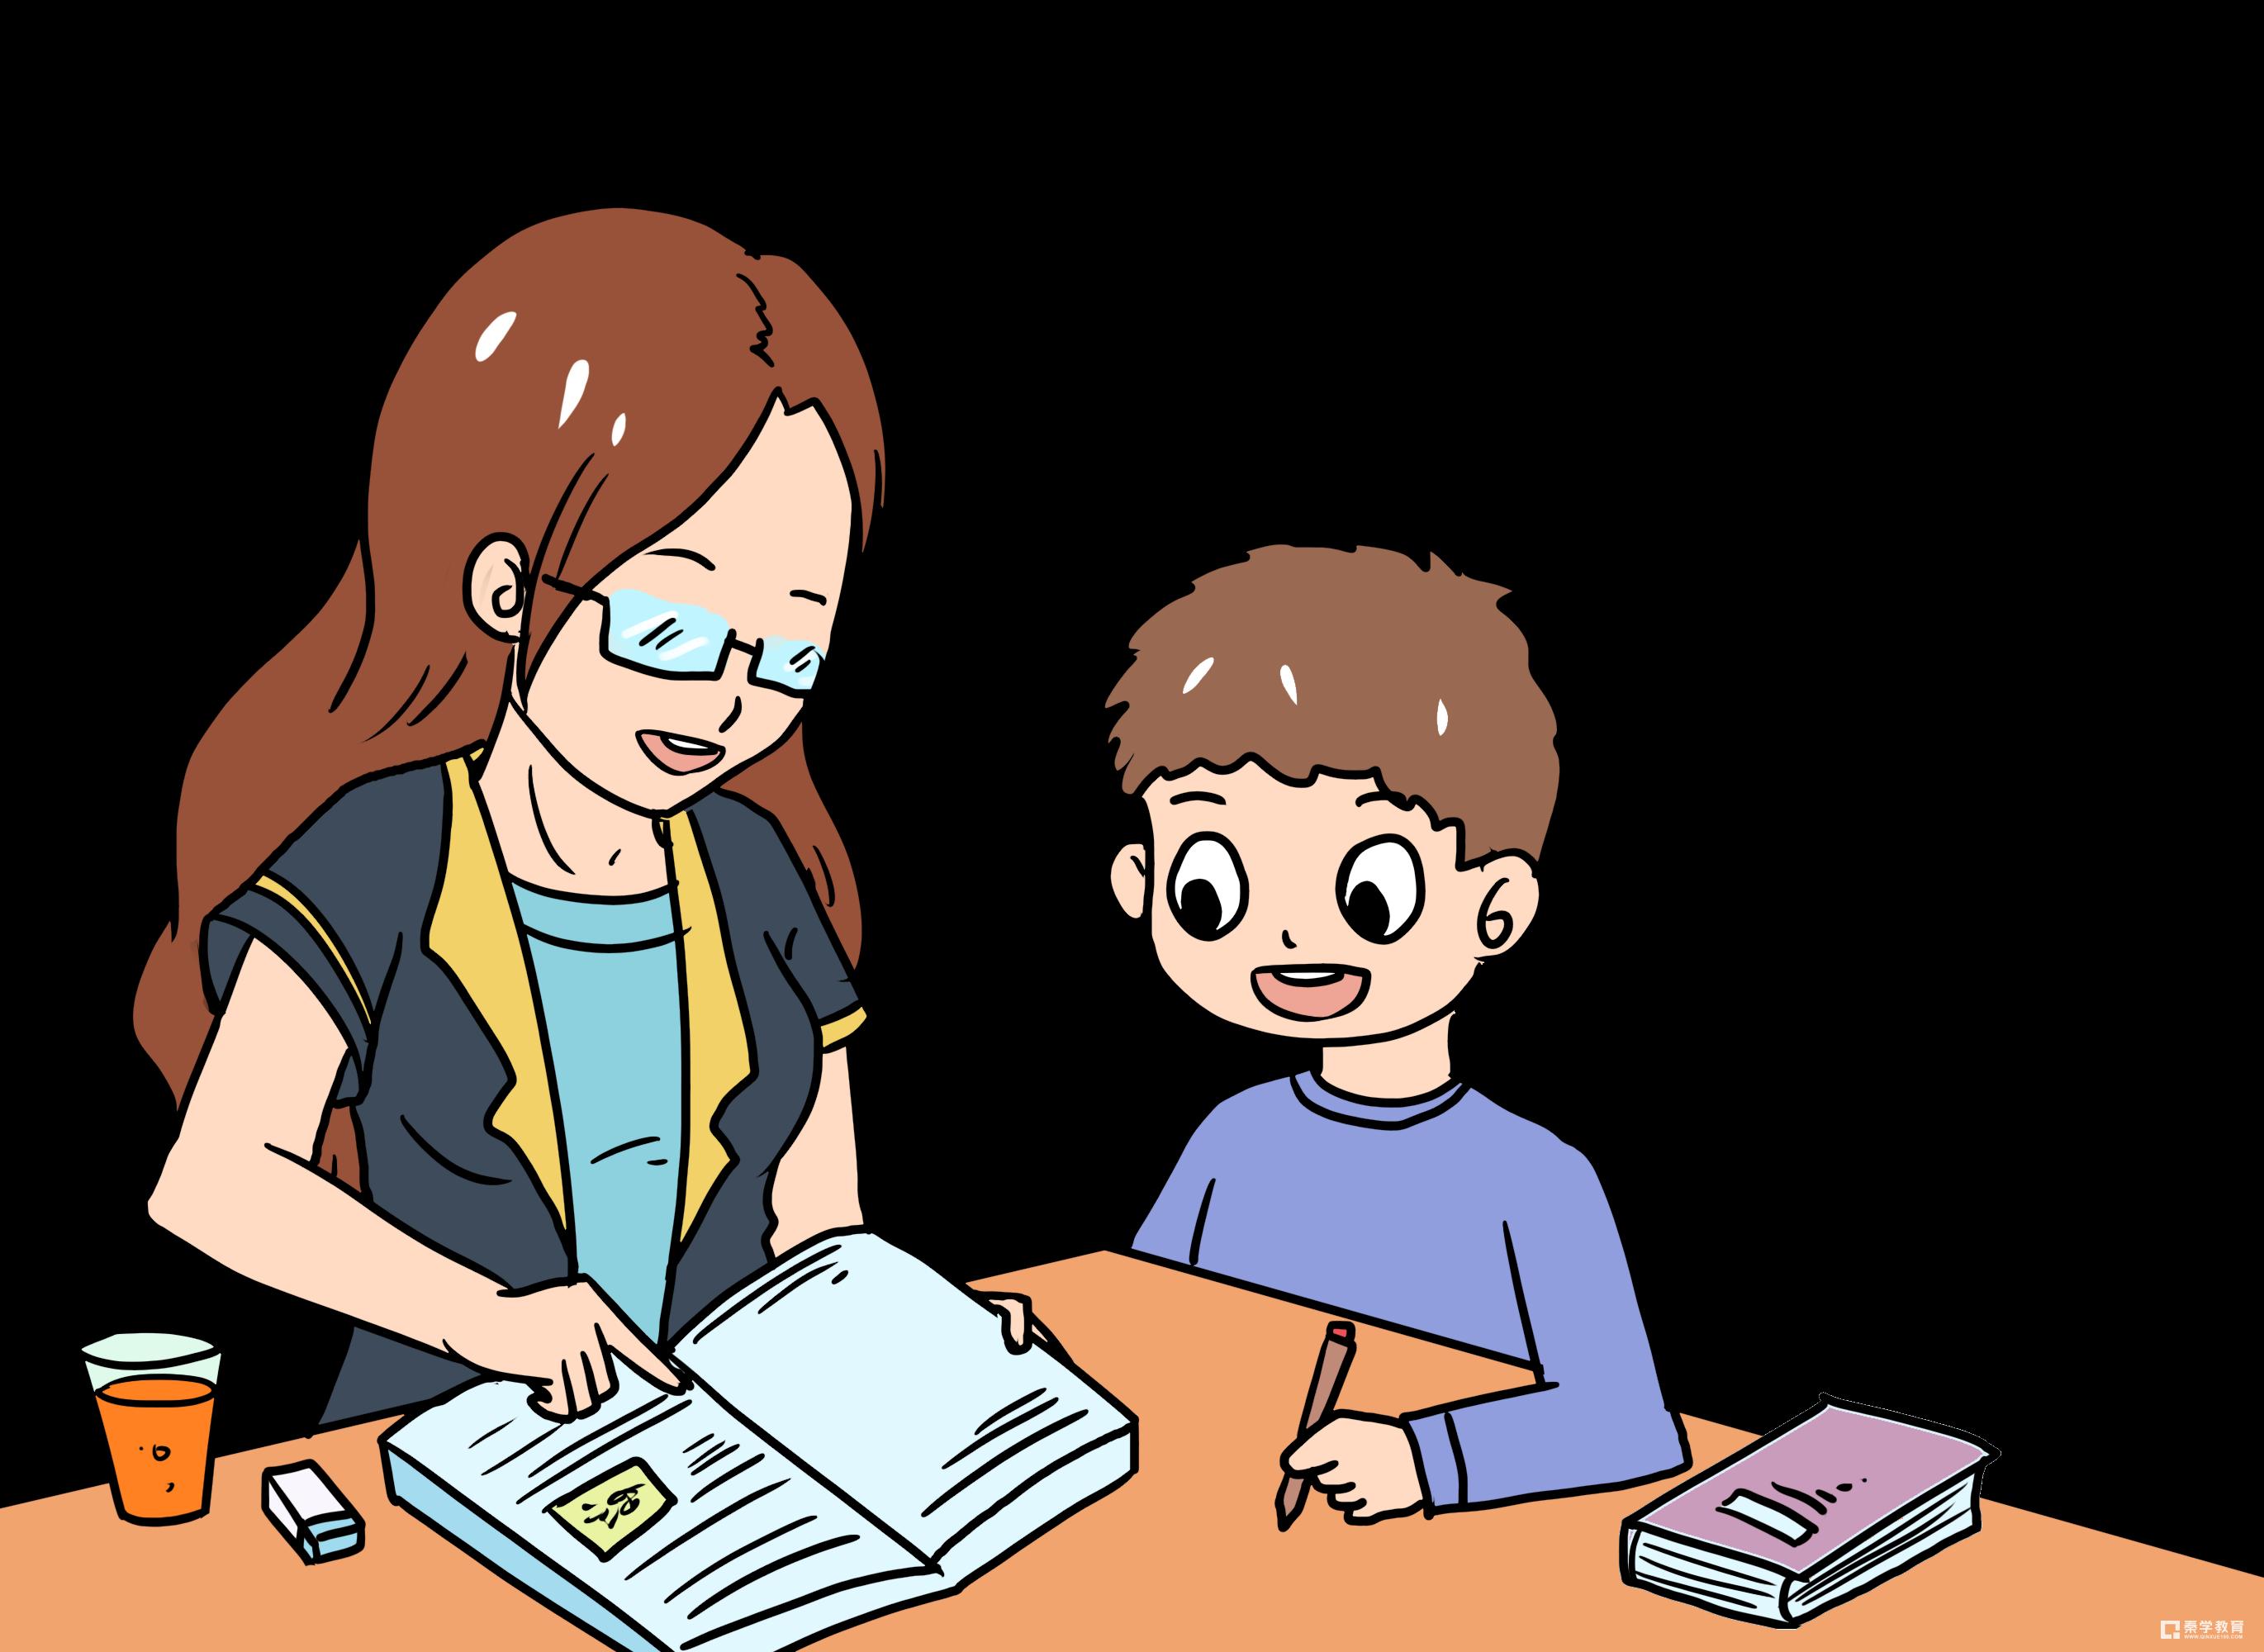 人教版二年级语文每日一练(附答案),快来答题吧!